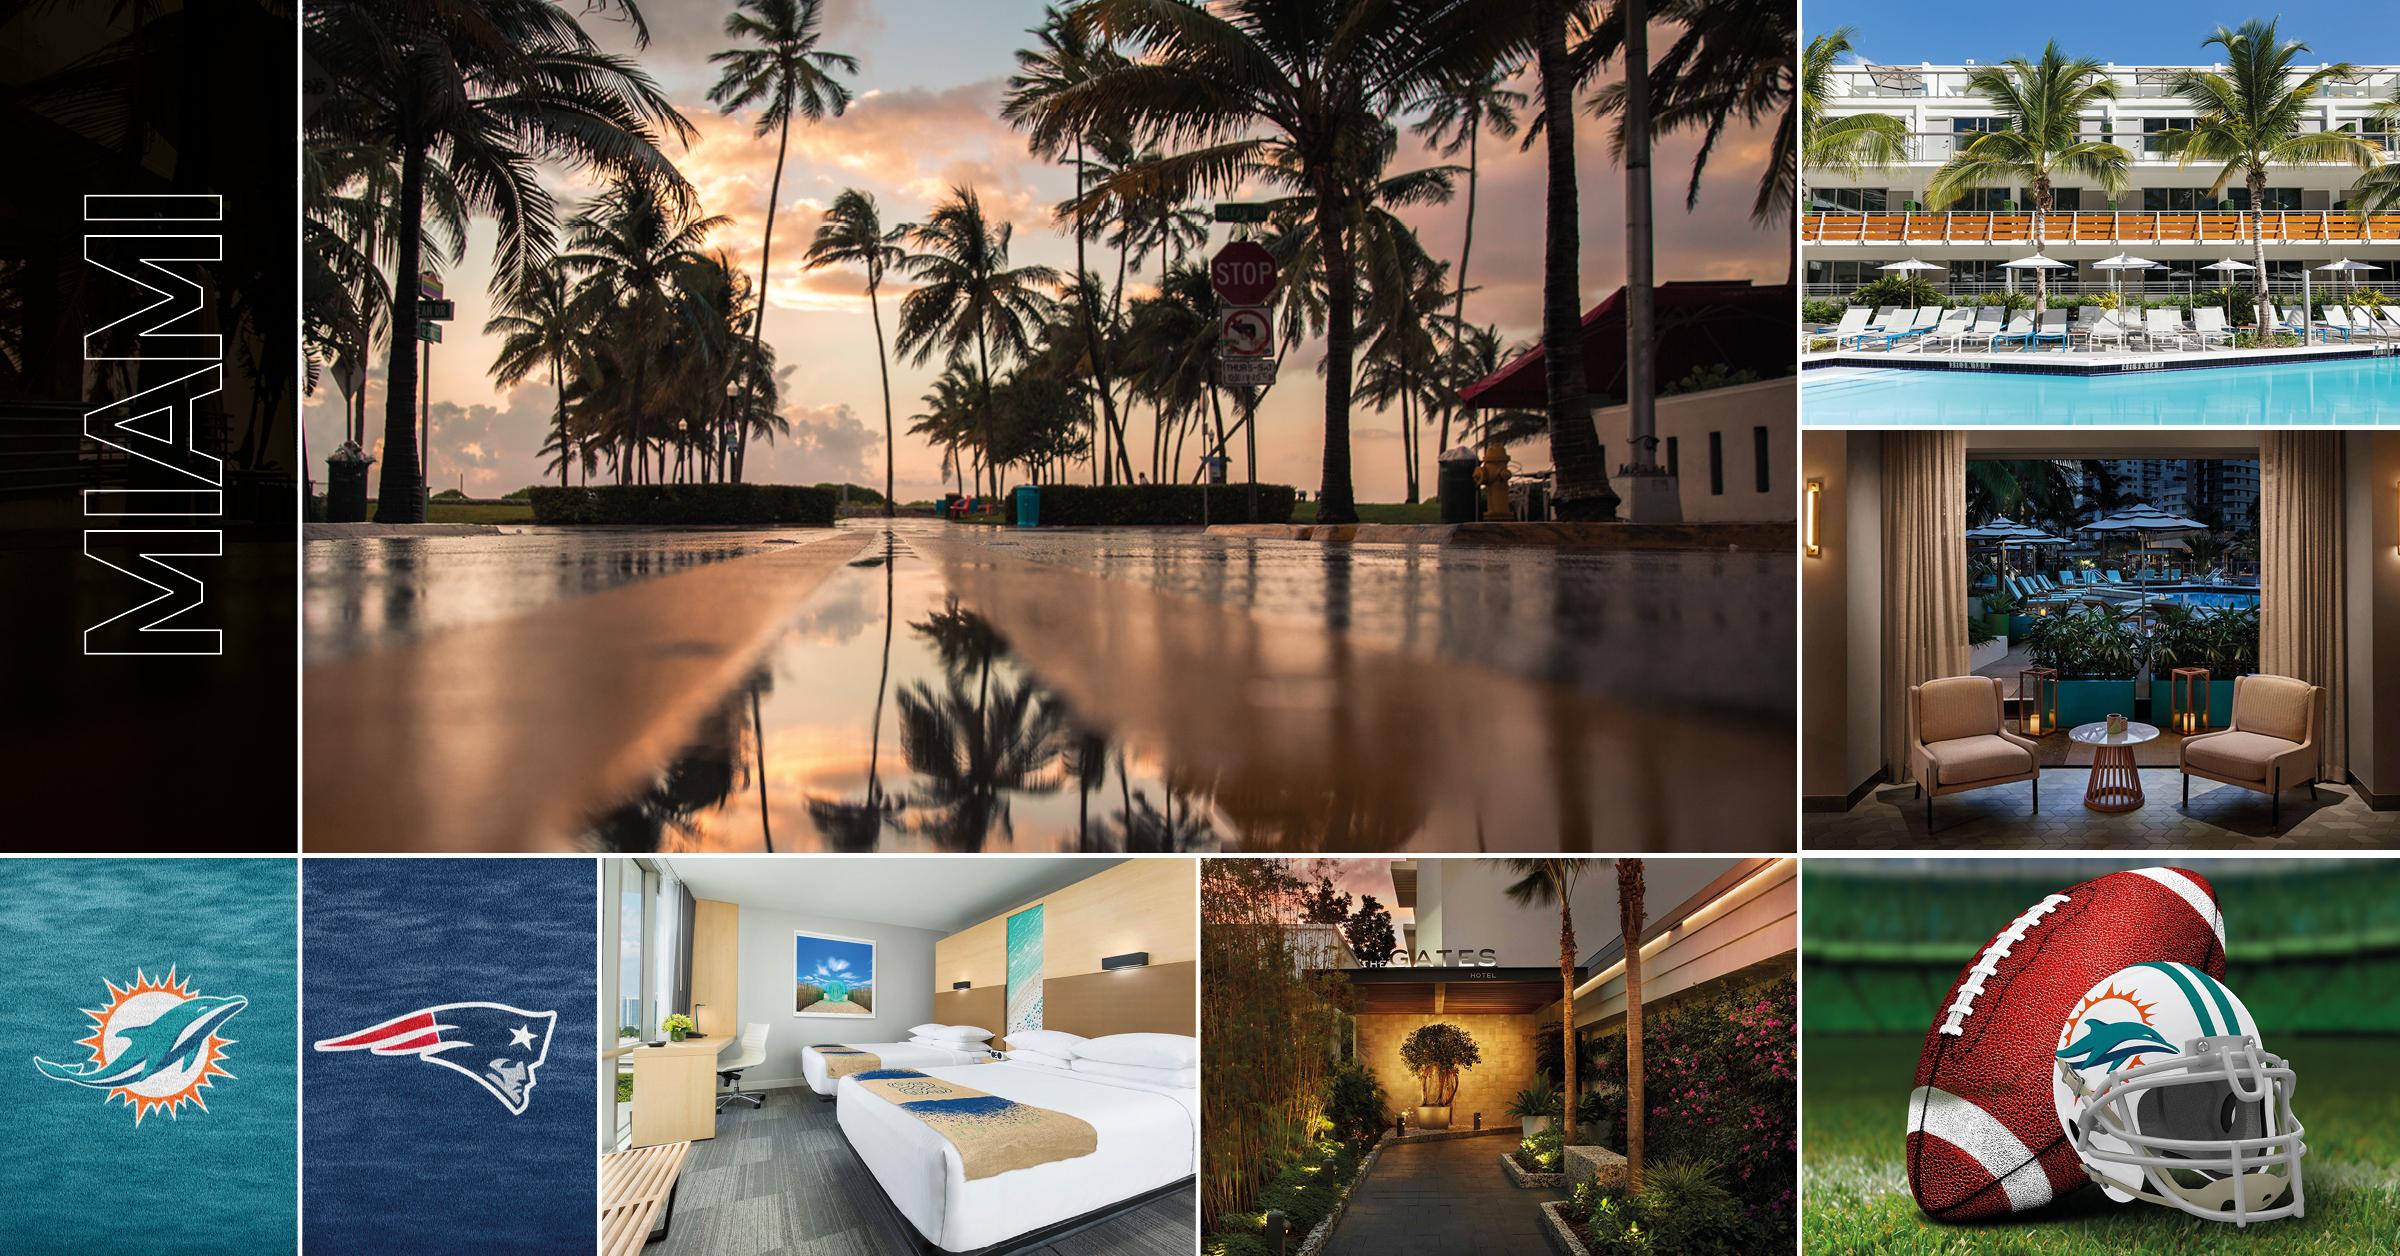 Aktuell sportresaNFL-resa till Miami - 12 - 17 september tar Supreme Travel med dig till enastående Miami - och till ett fantastiskt pris. The Gates Hotel ligger mitt på otroliga South Beach. Drömmötet från NFL Miami Dolphins mot New England Patriots. Just nu boka-tidigt pris.